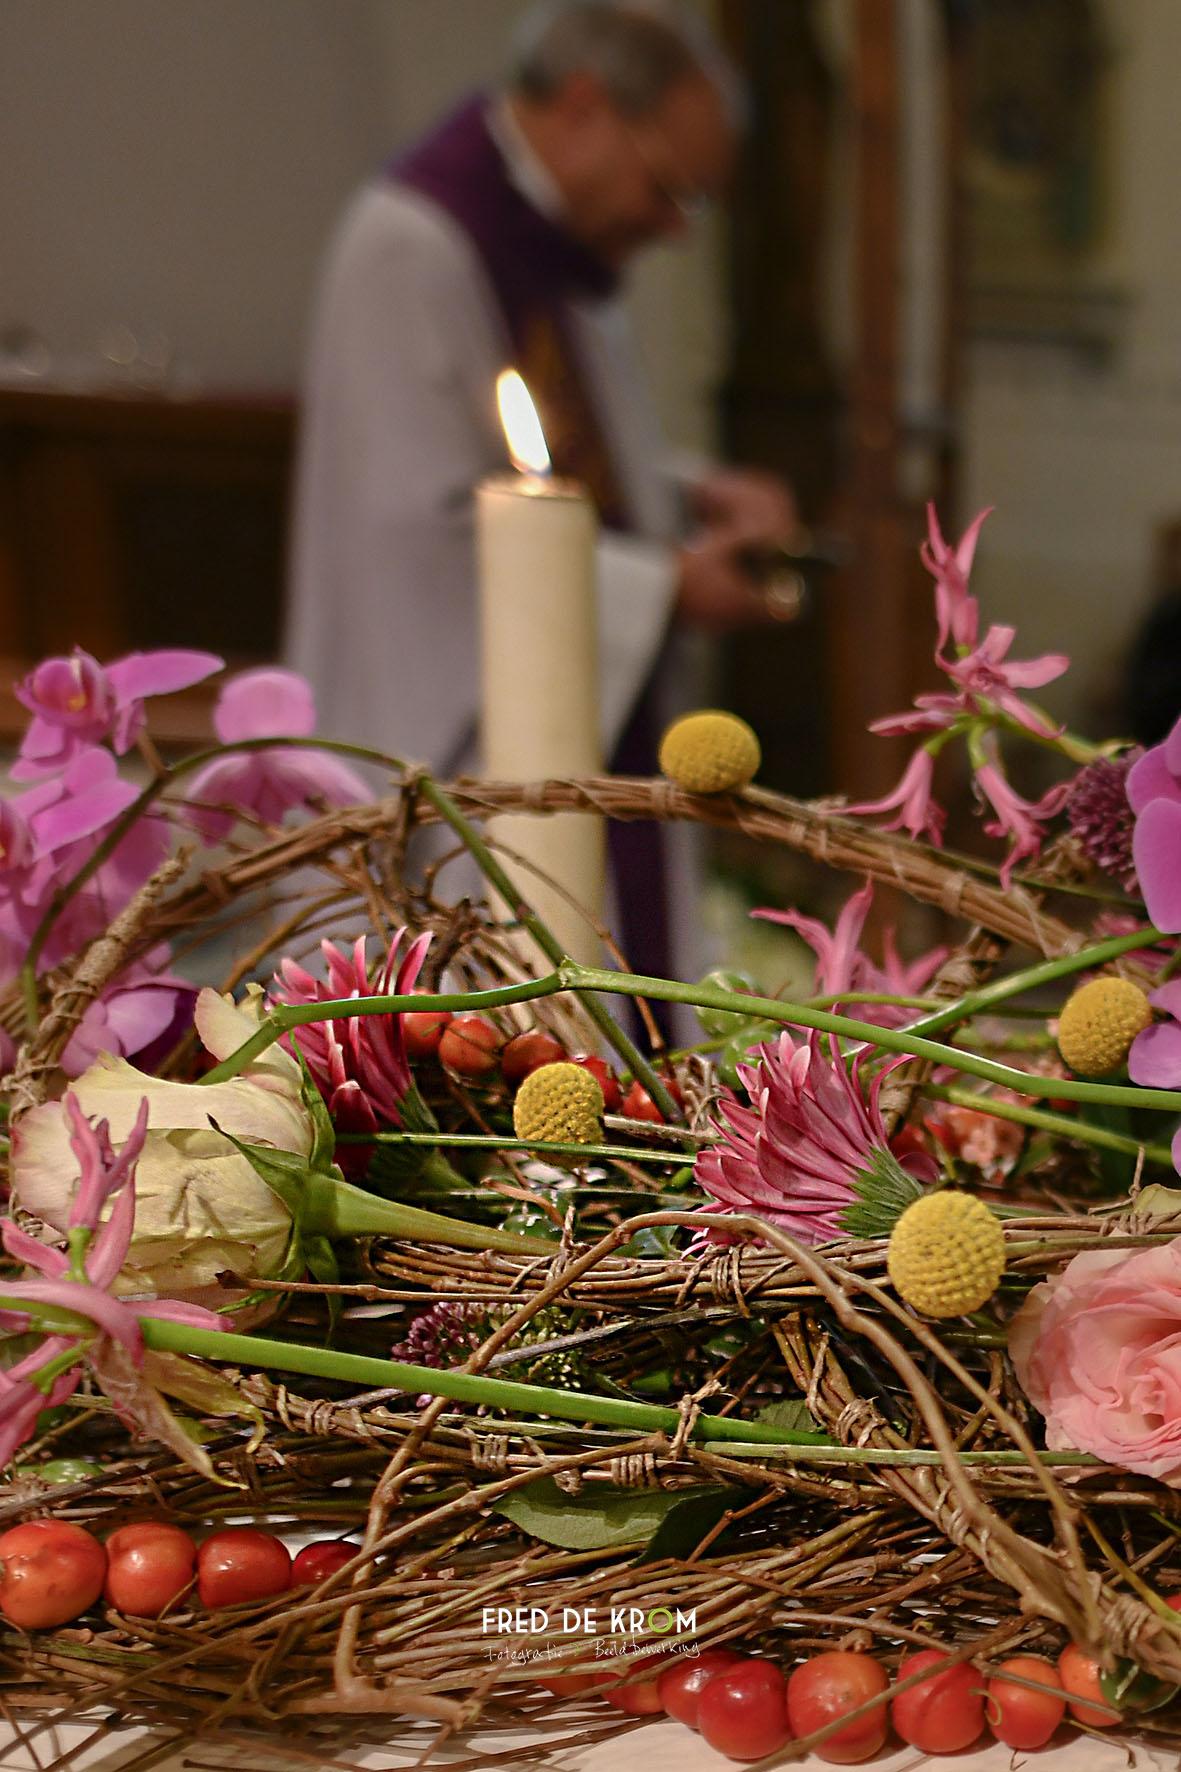 Foto tijdens begrafenis in Veldhoven, bloemen en kaars bij kist.